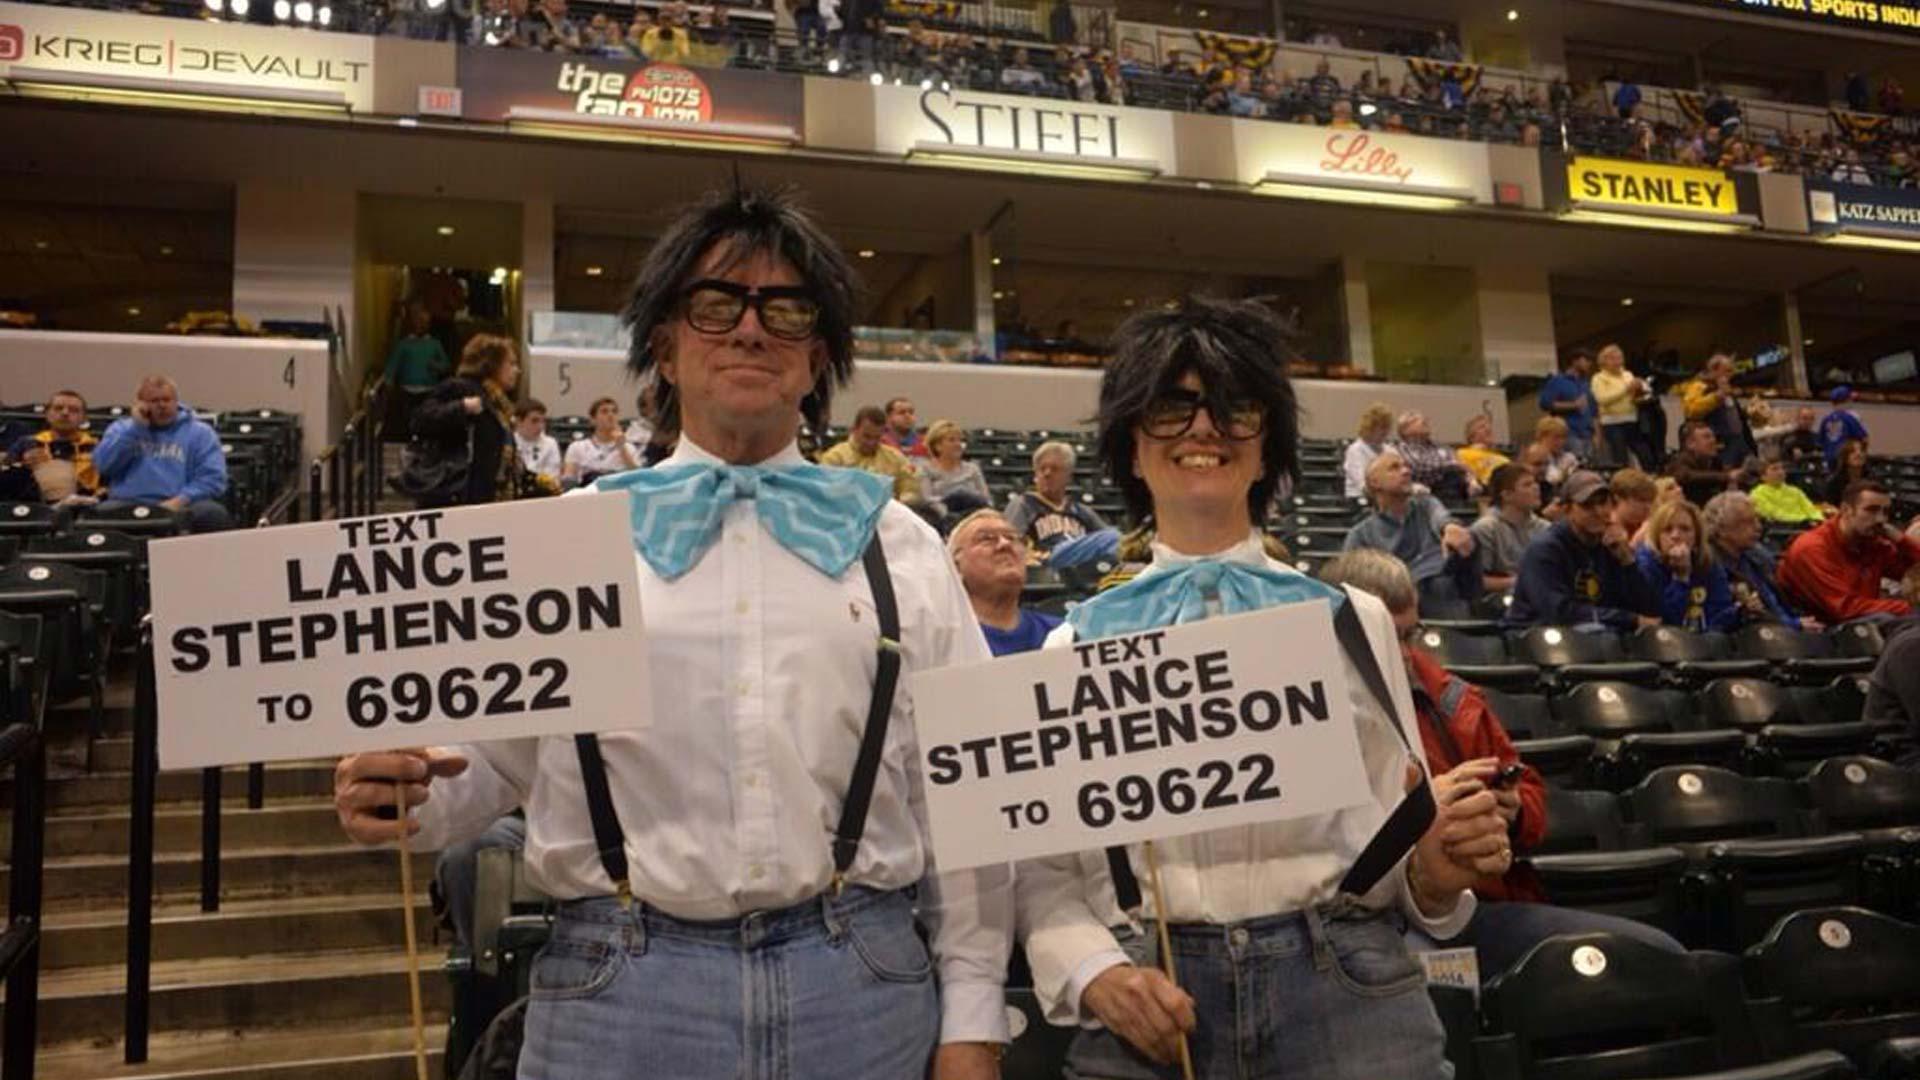 lance-stephenson-fans-11814-twitter-ftr